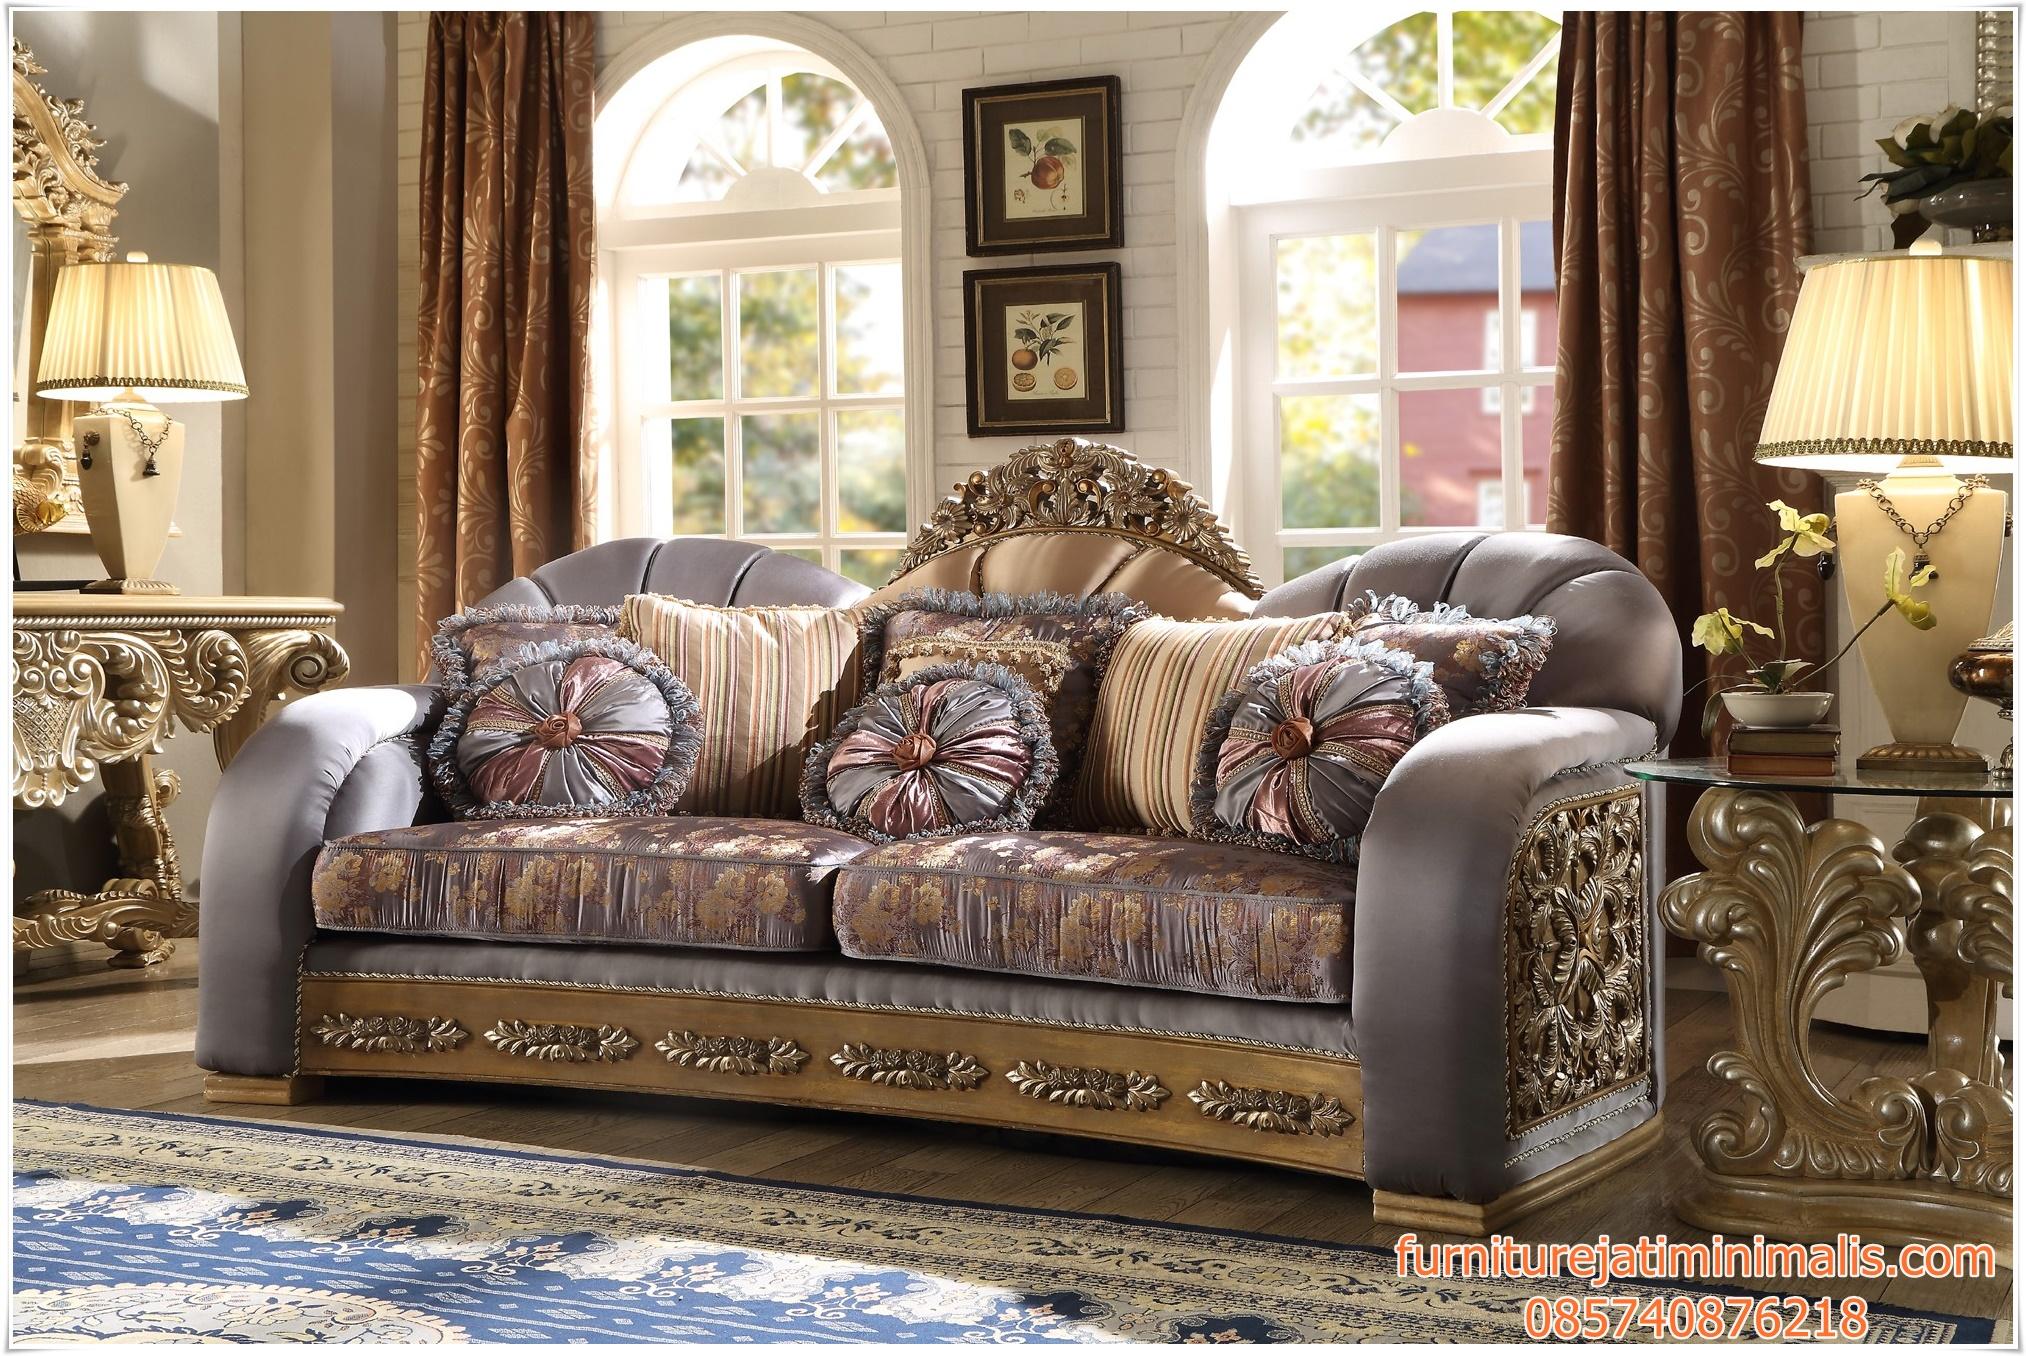 sofa ruang tamu klasik mewah, harga sofa ruang tamu, jual sofa ruang tamu klasik, model sofa ruang tamu klasik, sofa ruang tamu klasik model terbaru, sofa ruang tamu klasik model mewah, sofa tamu klasik model terbaru, sofa tamu klasik